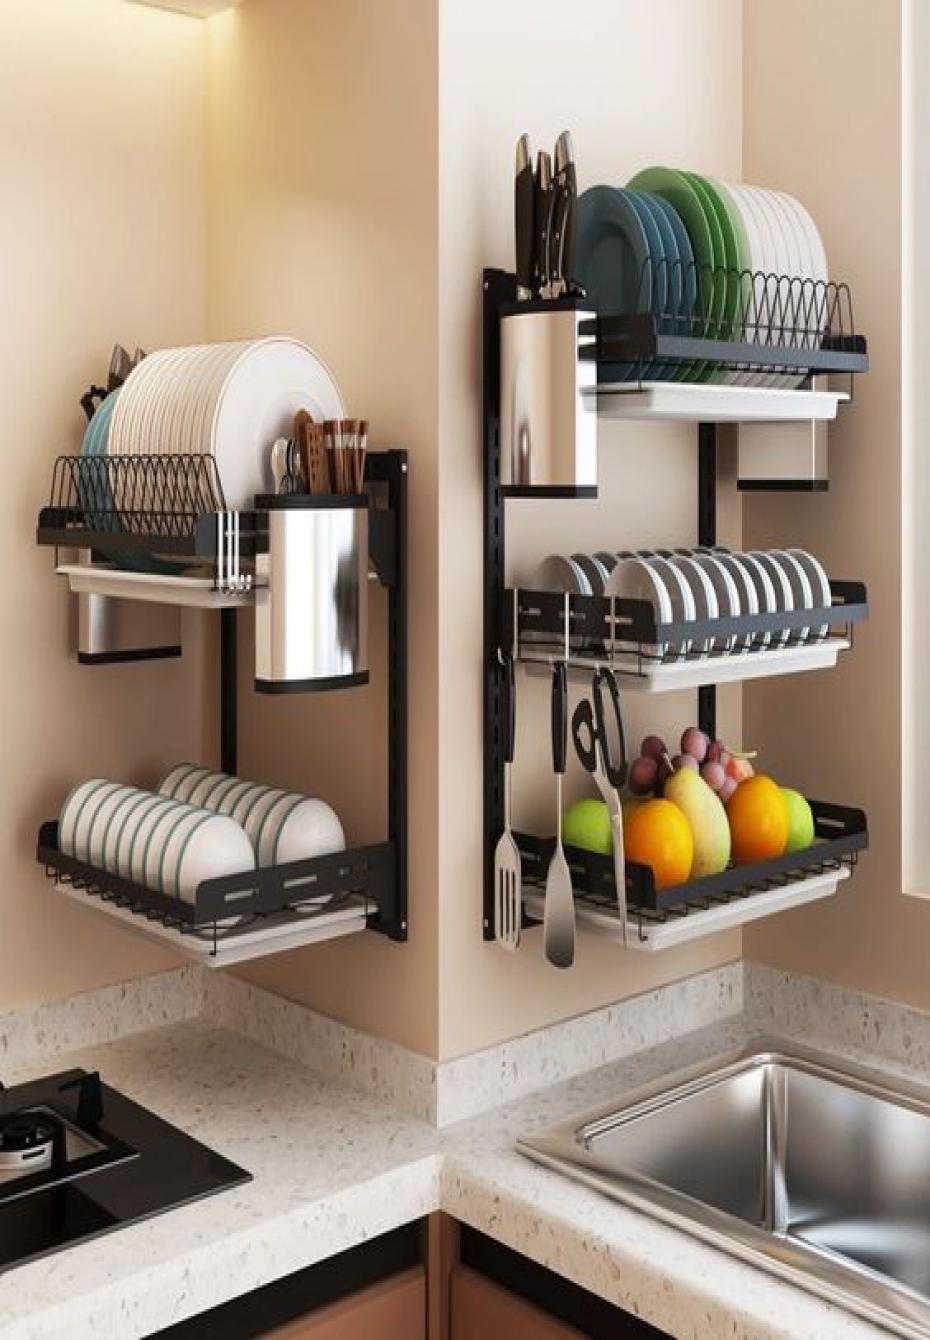 روش های ساده و خلاقانه در دکوراسیون آشپزخانه